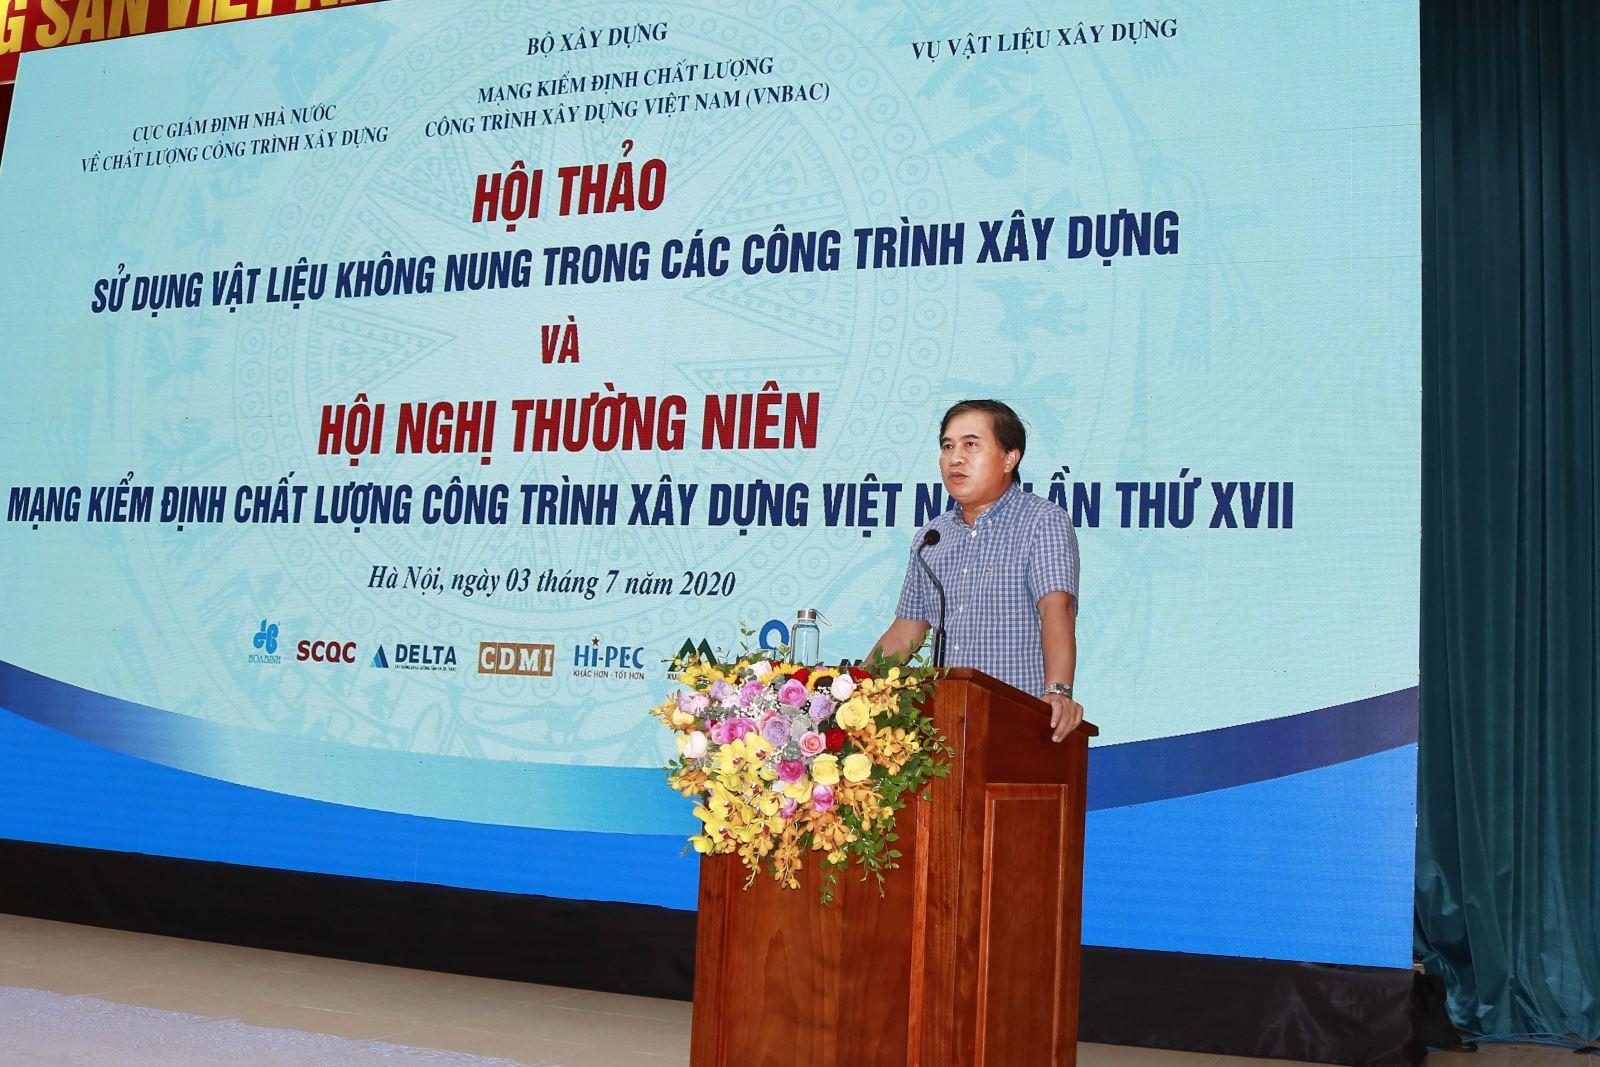 Thứ trưởng Bộ Xây dựng Lê Quang Hùng phát biểu tại hội thảo